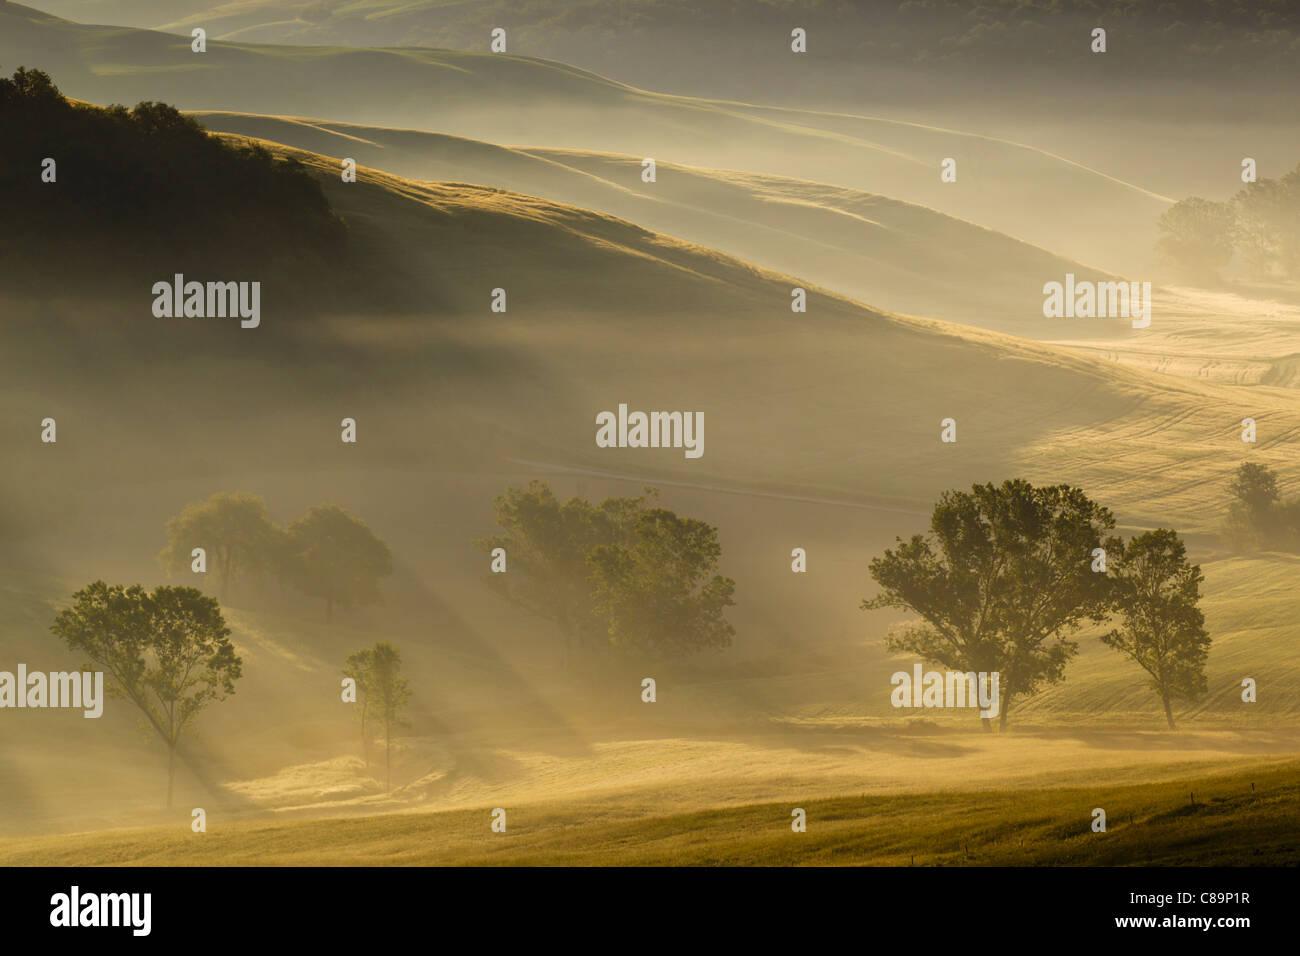 Italia, Toscana, Creta, a la vista de los árboles y la niebla de la mañana Imagen De Stock